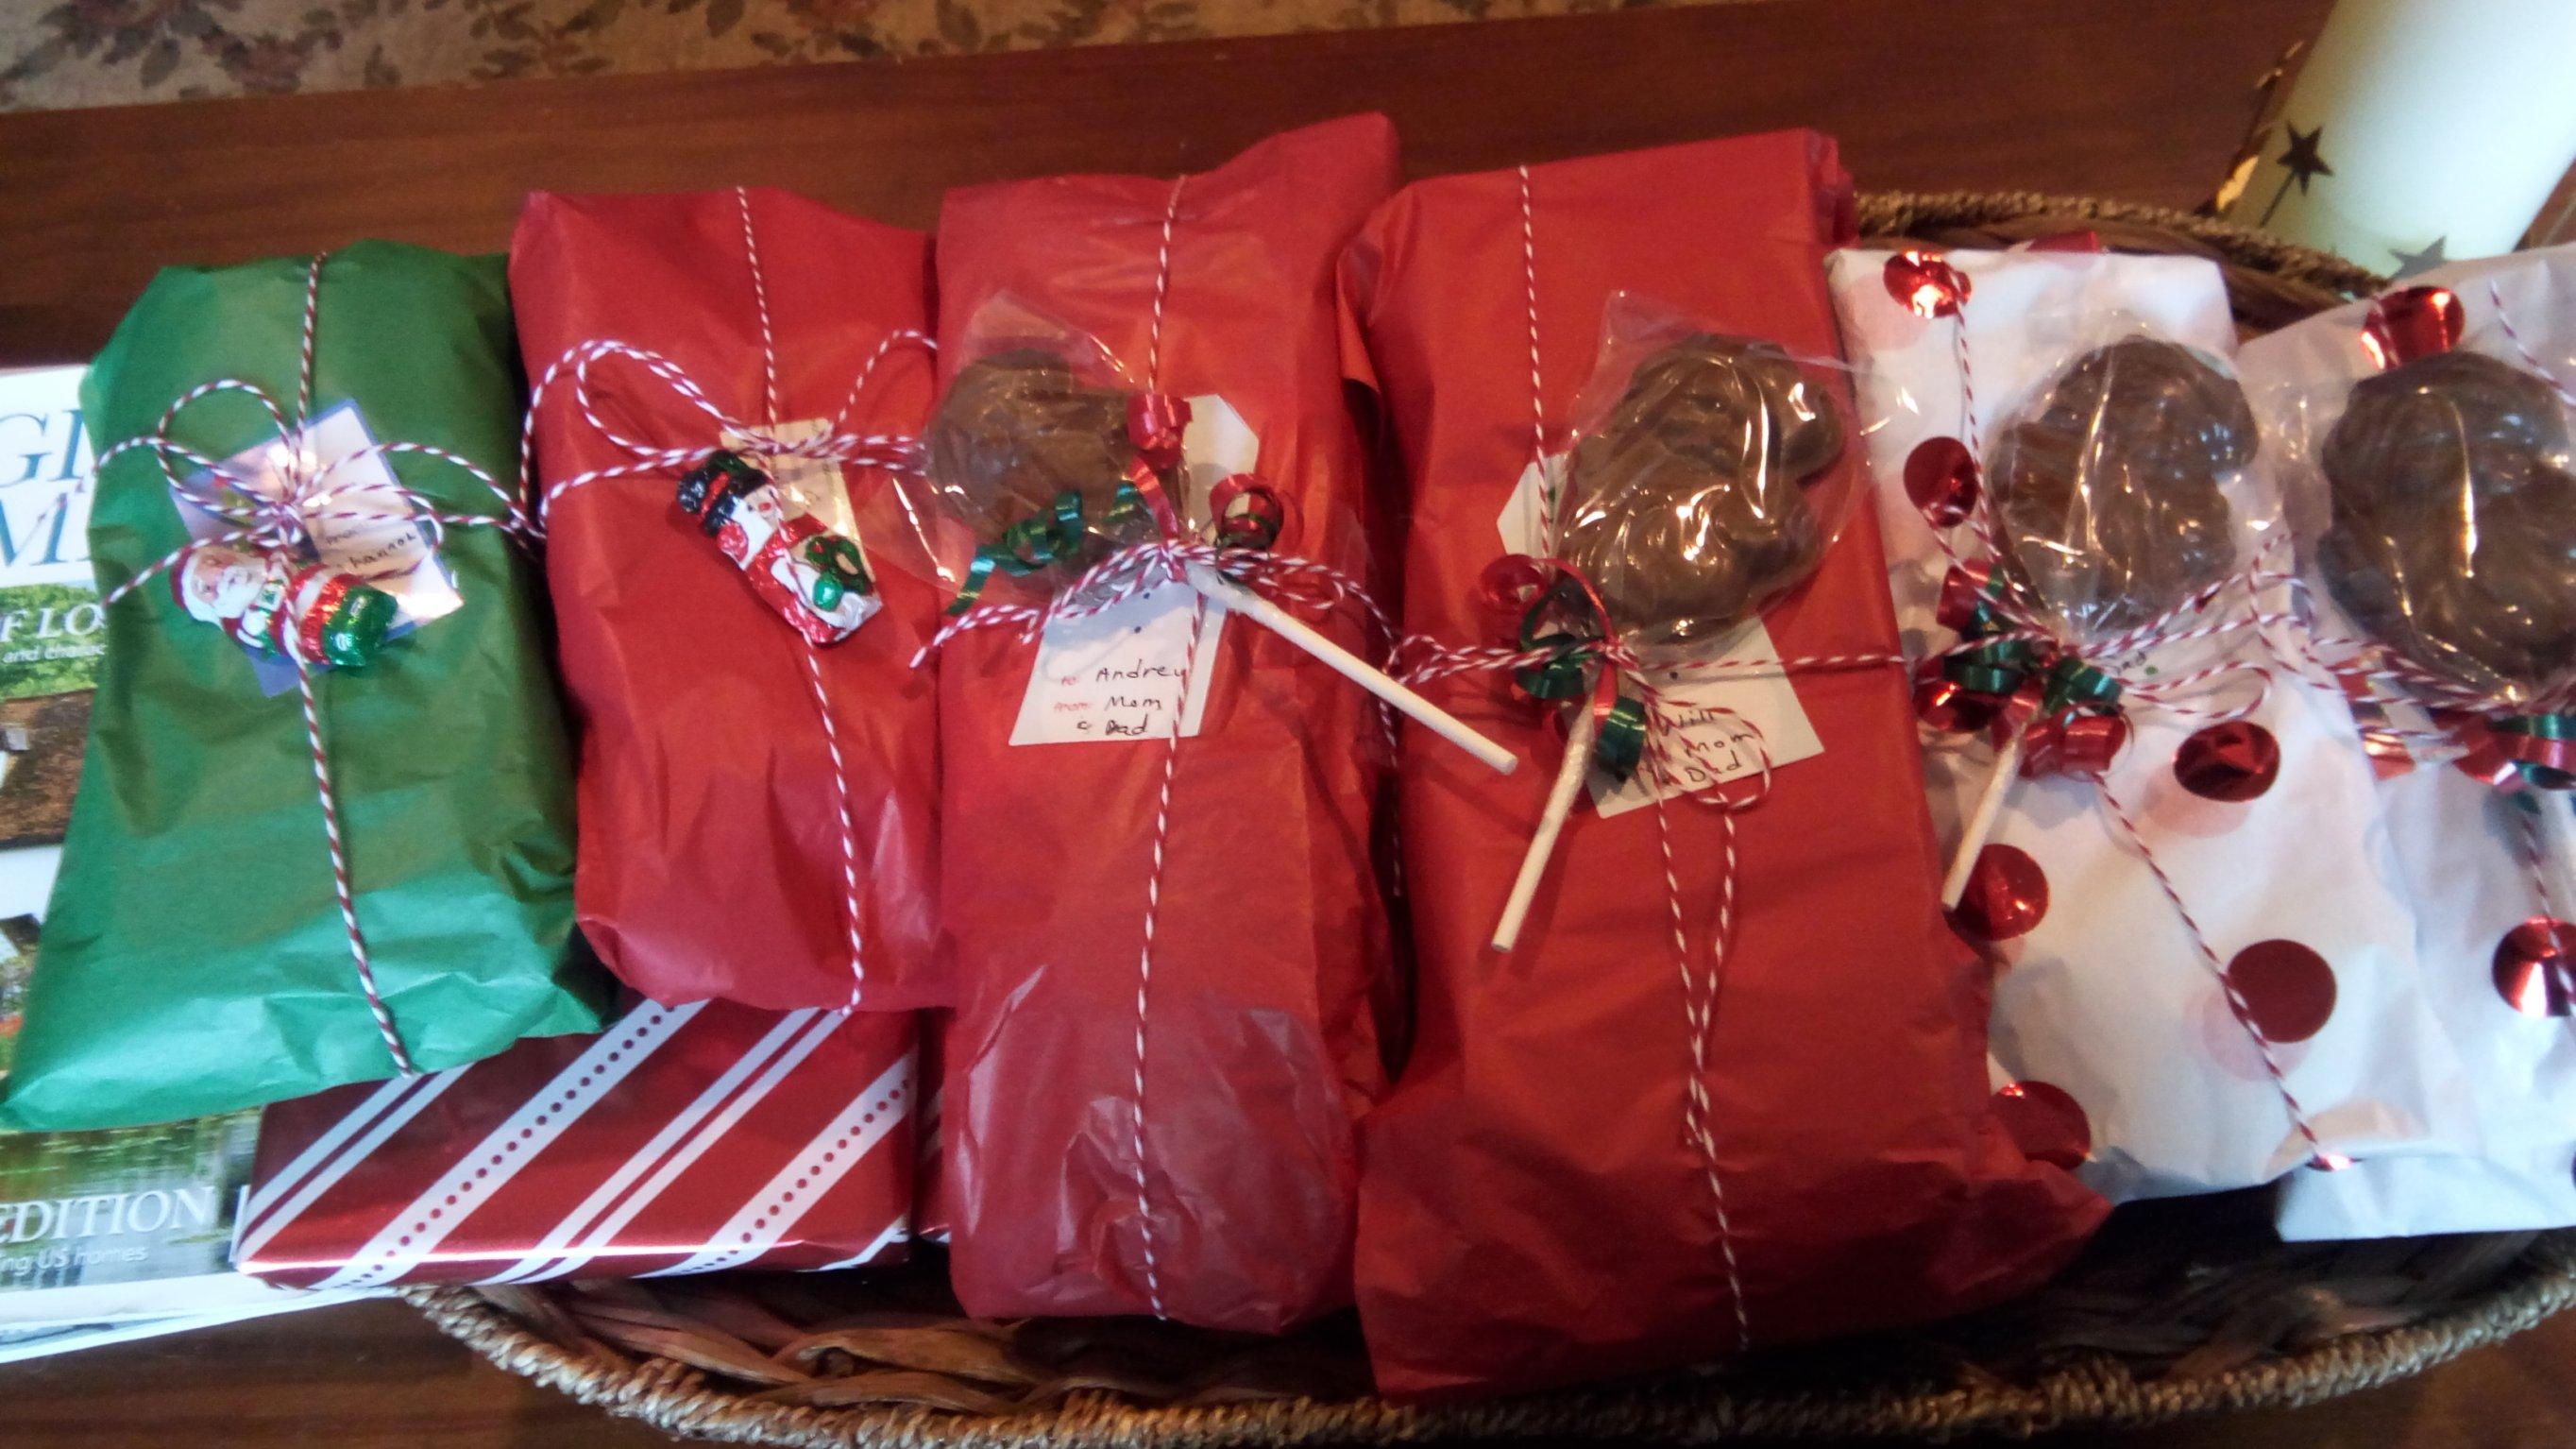 Christmas Eve Tradition: Books, Socks, and Chocolate